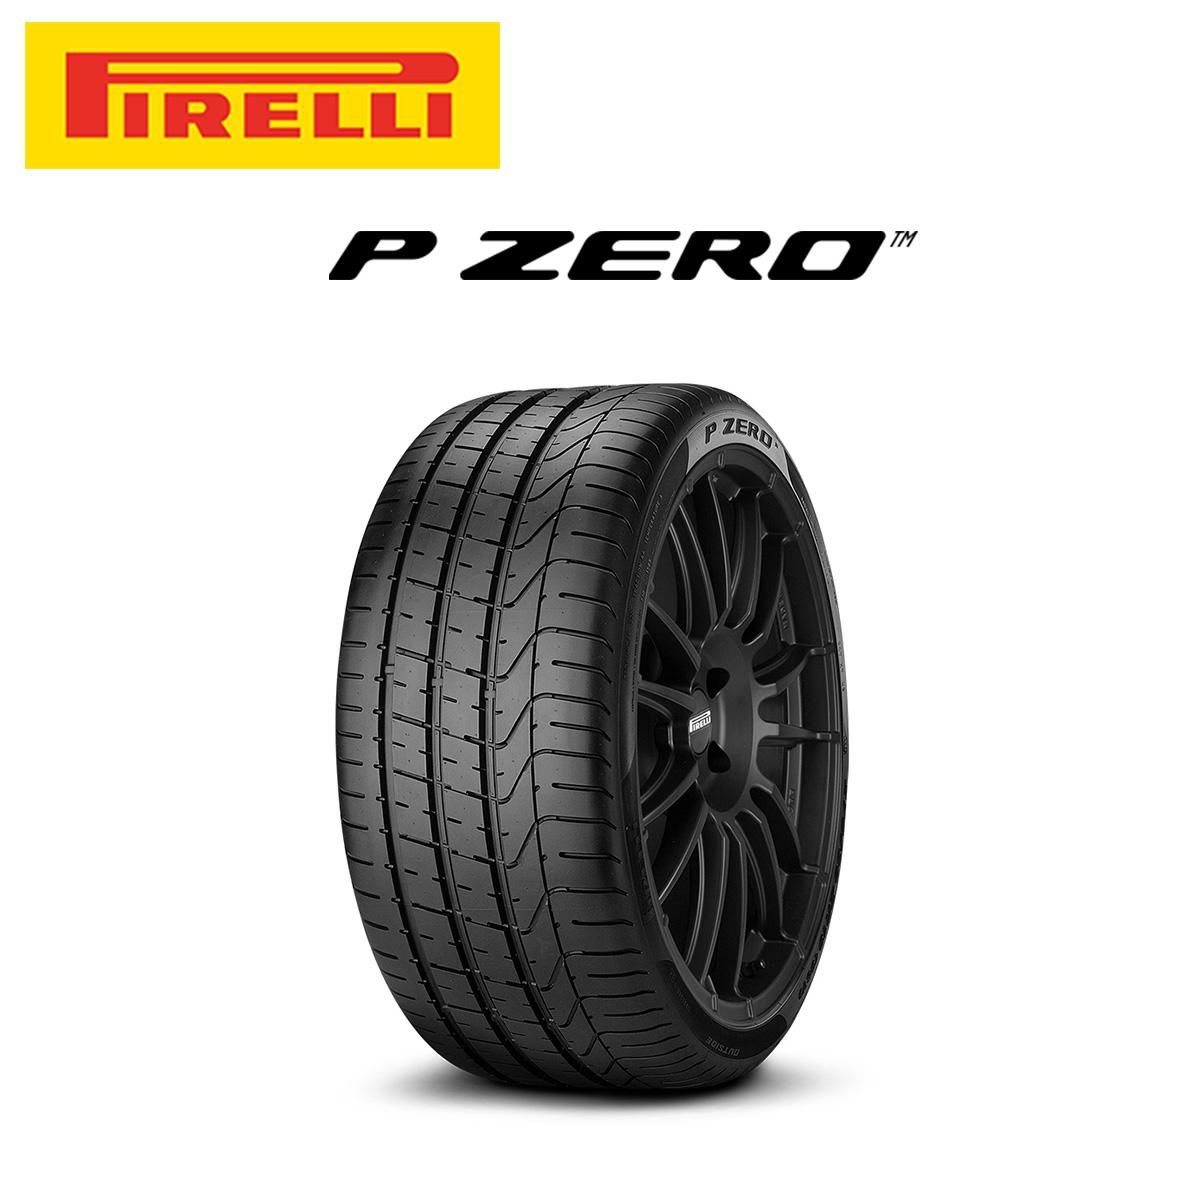 ピレリ PIRELLI P ZERO ピーゼロ 20インチ サマー タイヤ 4本 セット 245/35ZR20 95Y XL AMV:アストンマーティン承認タイヤ 2137400